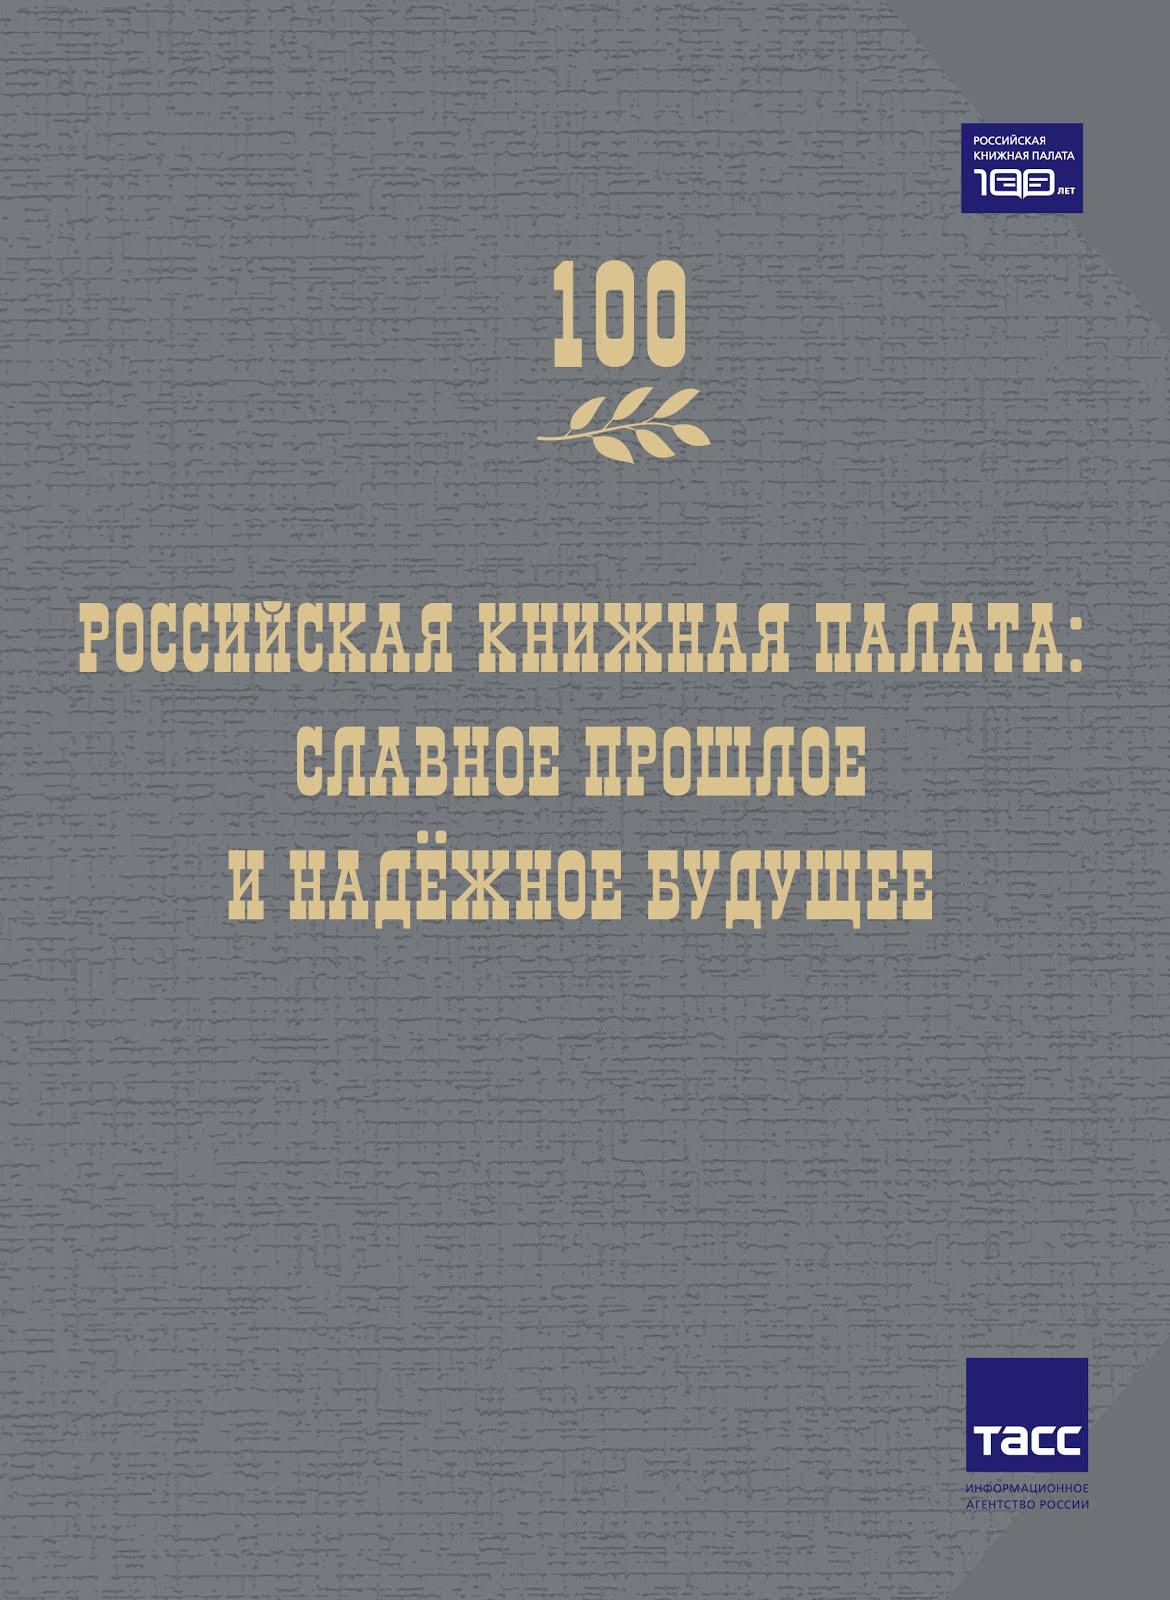 Российская книжная палата: славное прошлое и надёжное будущее